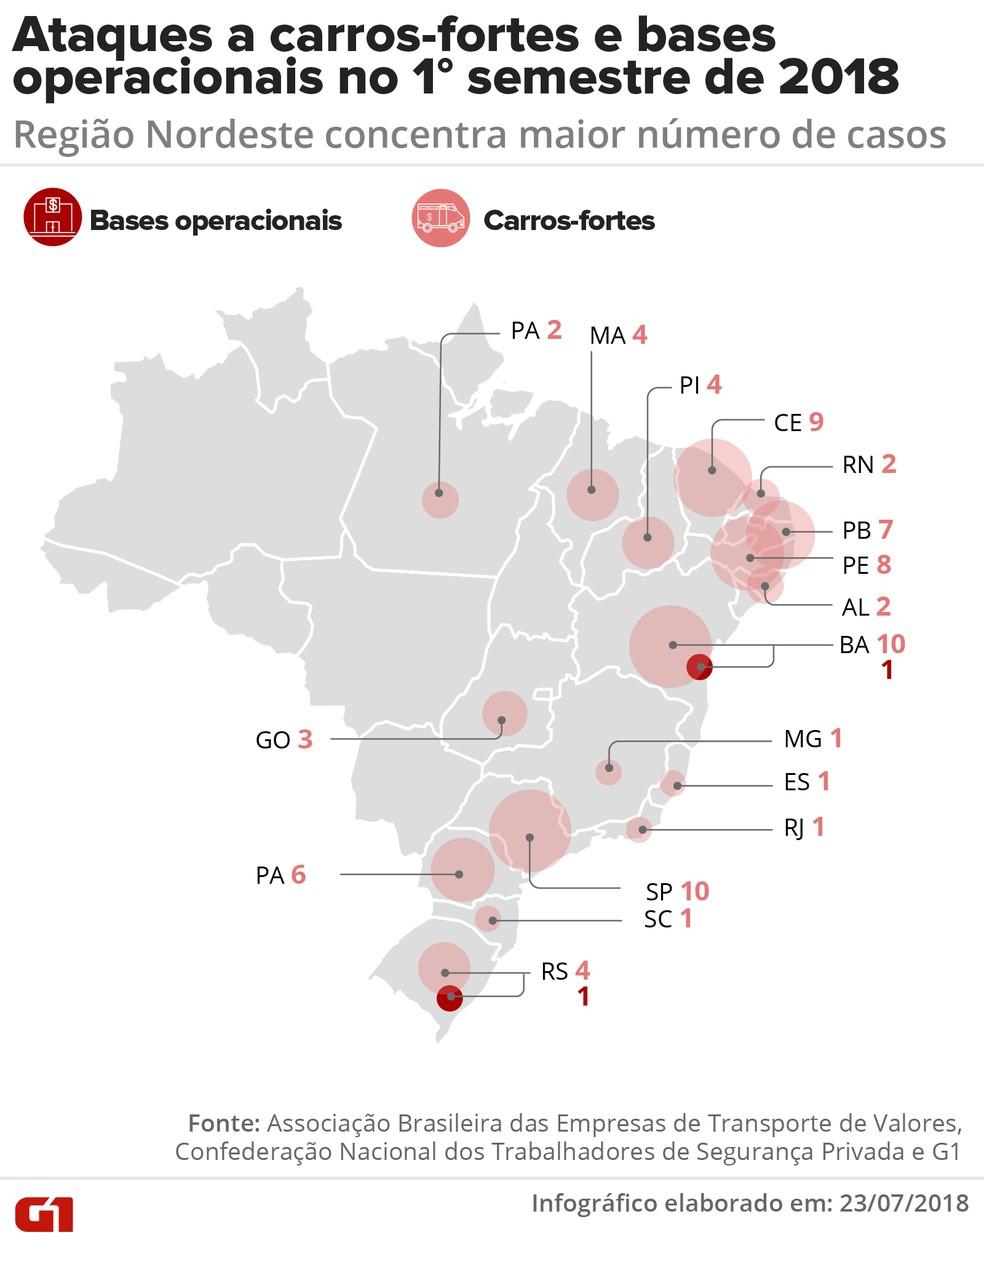 Ataques a carros-fortes e bases operacionais no 1° semestre de 2018 no Brasil (Foto: Juliane Monteiro e Karina Almeida/G1)